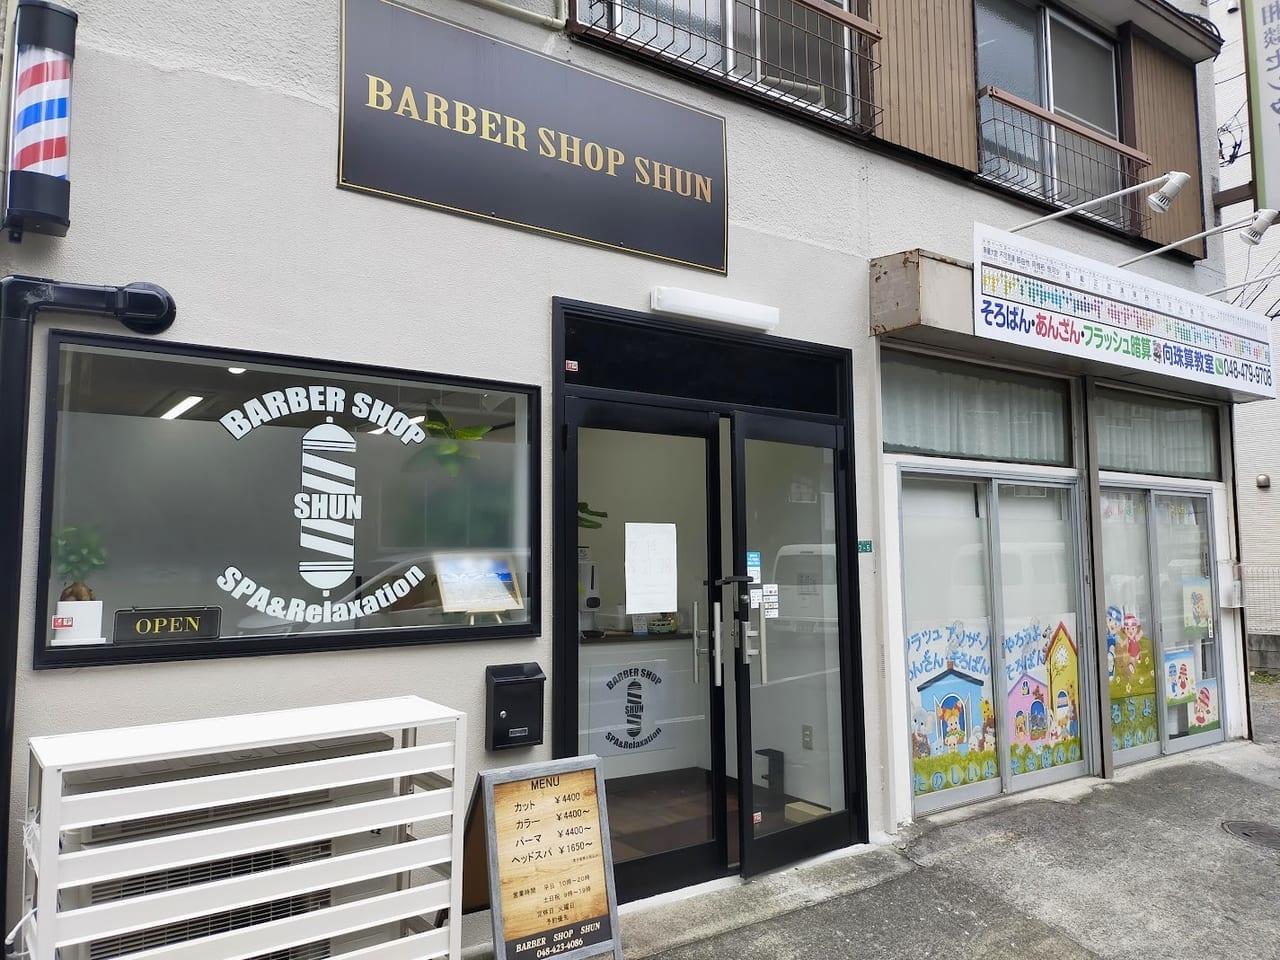 BARBER SHOP SHUN